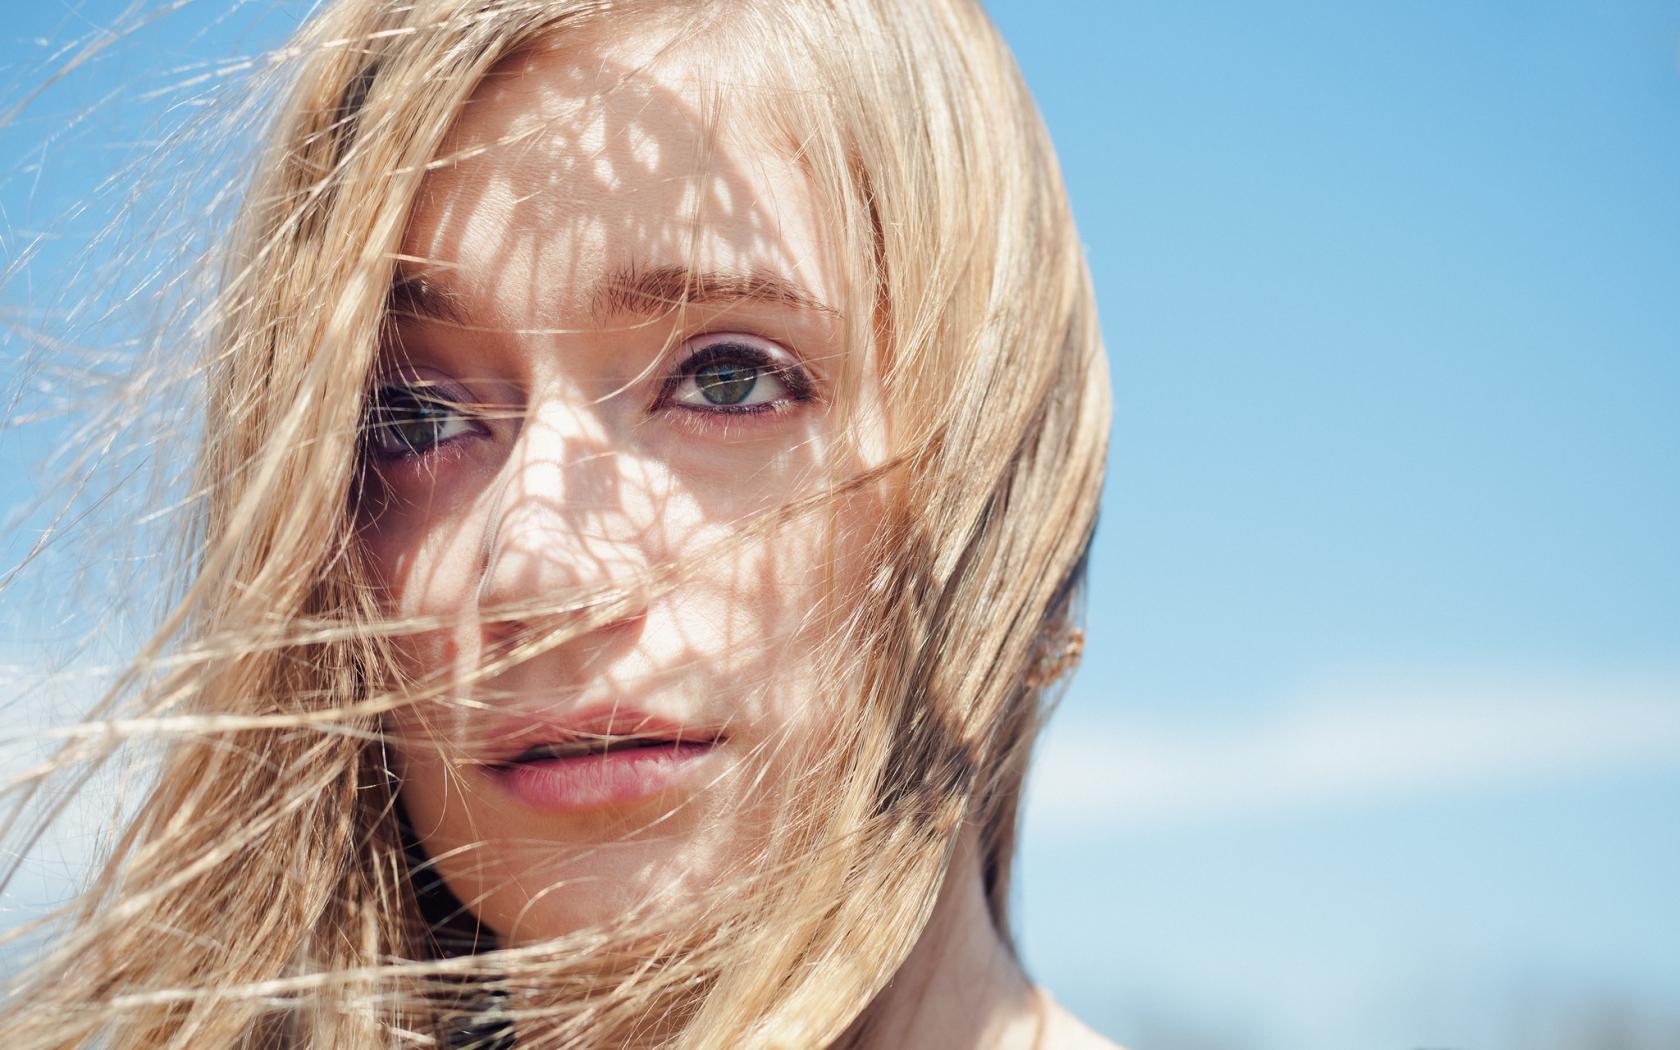 El rostro de una bella rubia - 1680x1050